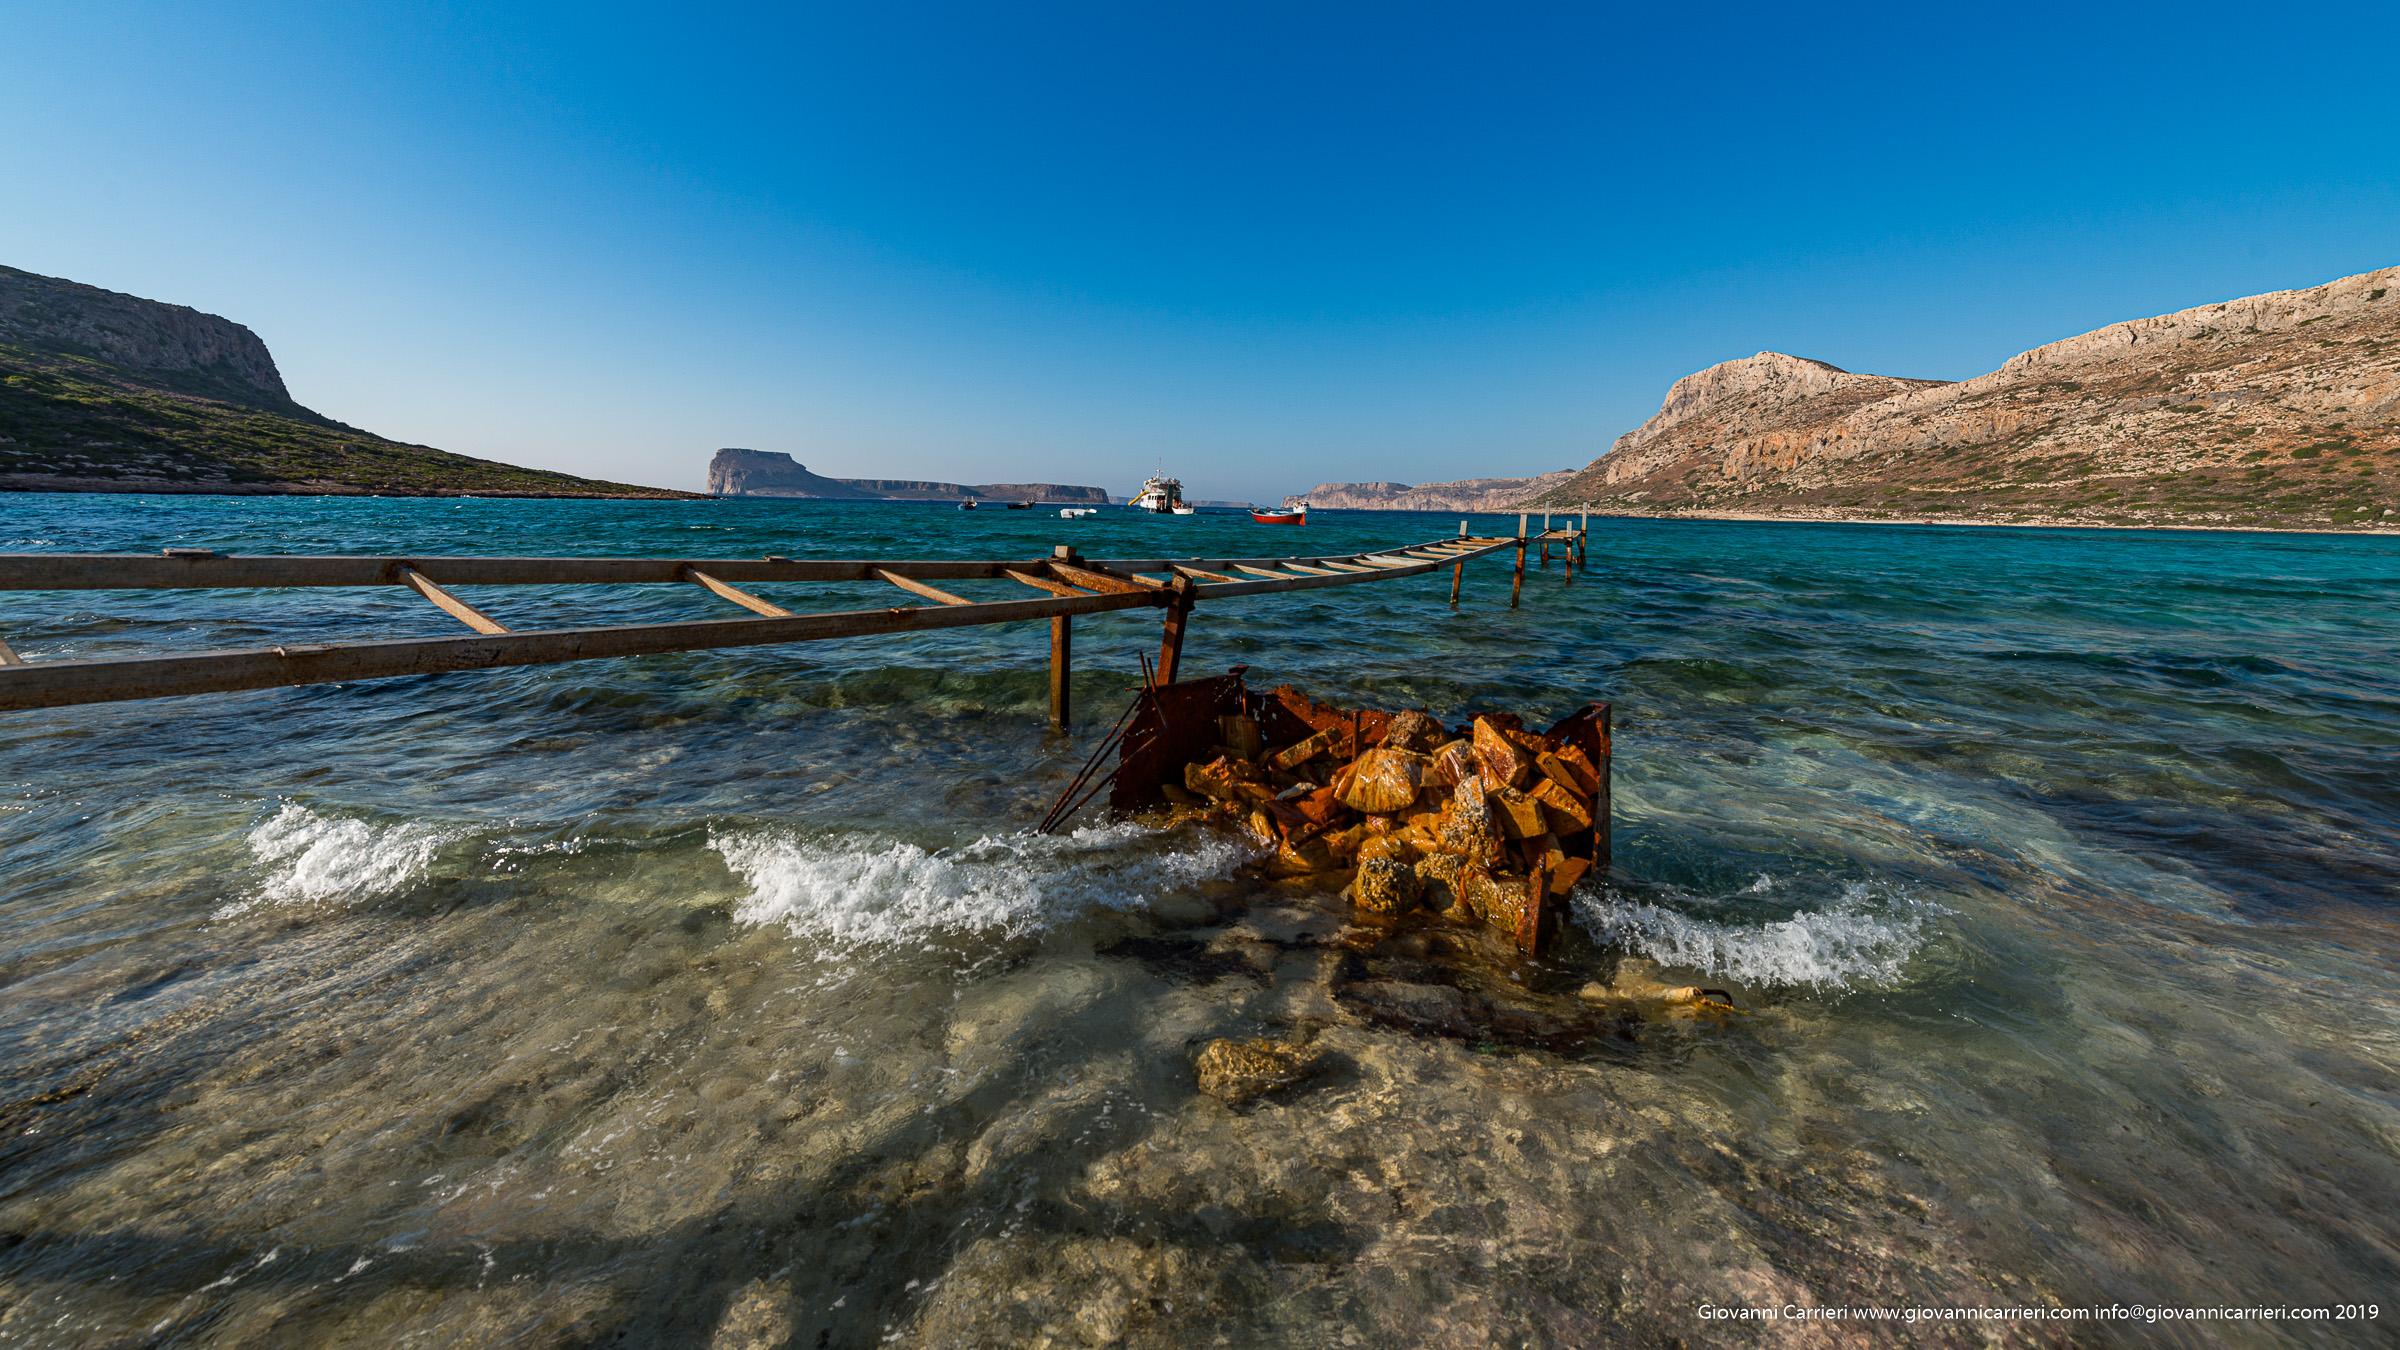 Particolari dalla spiaggia di Balos